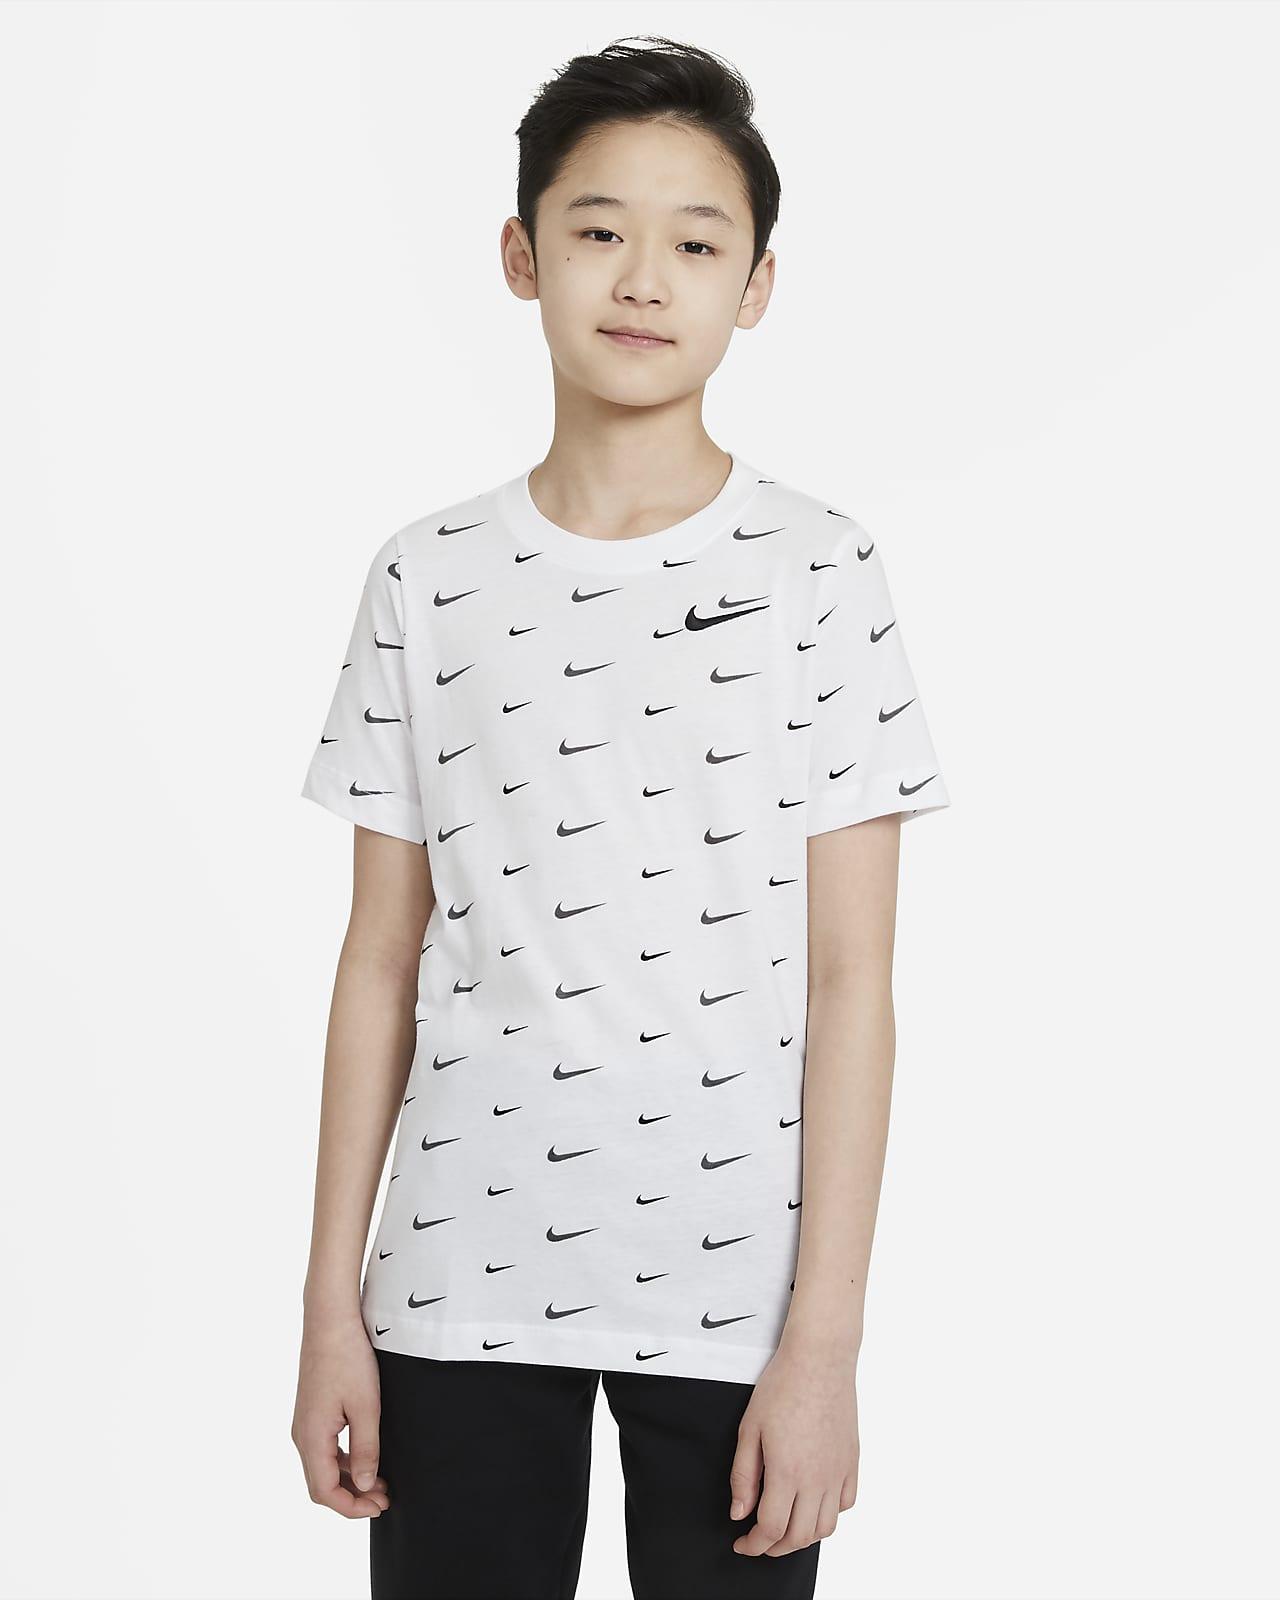 Nike Sportswear póló nagyobb gyerekeknek (fiúk)